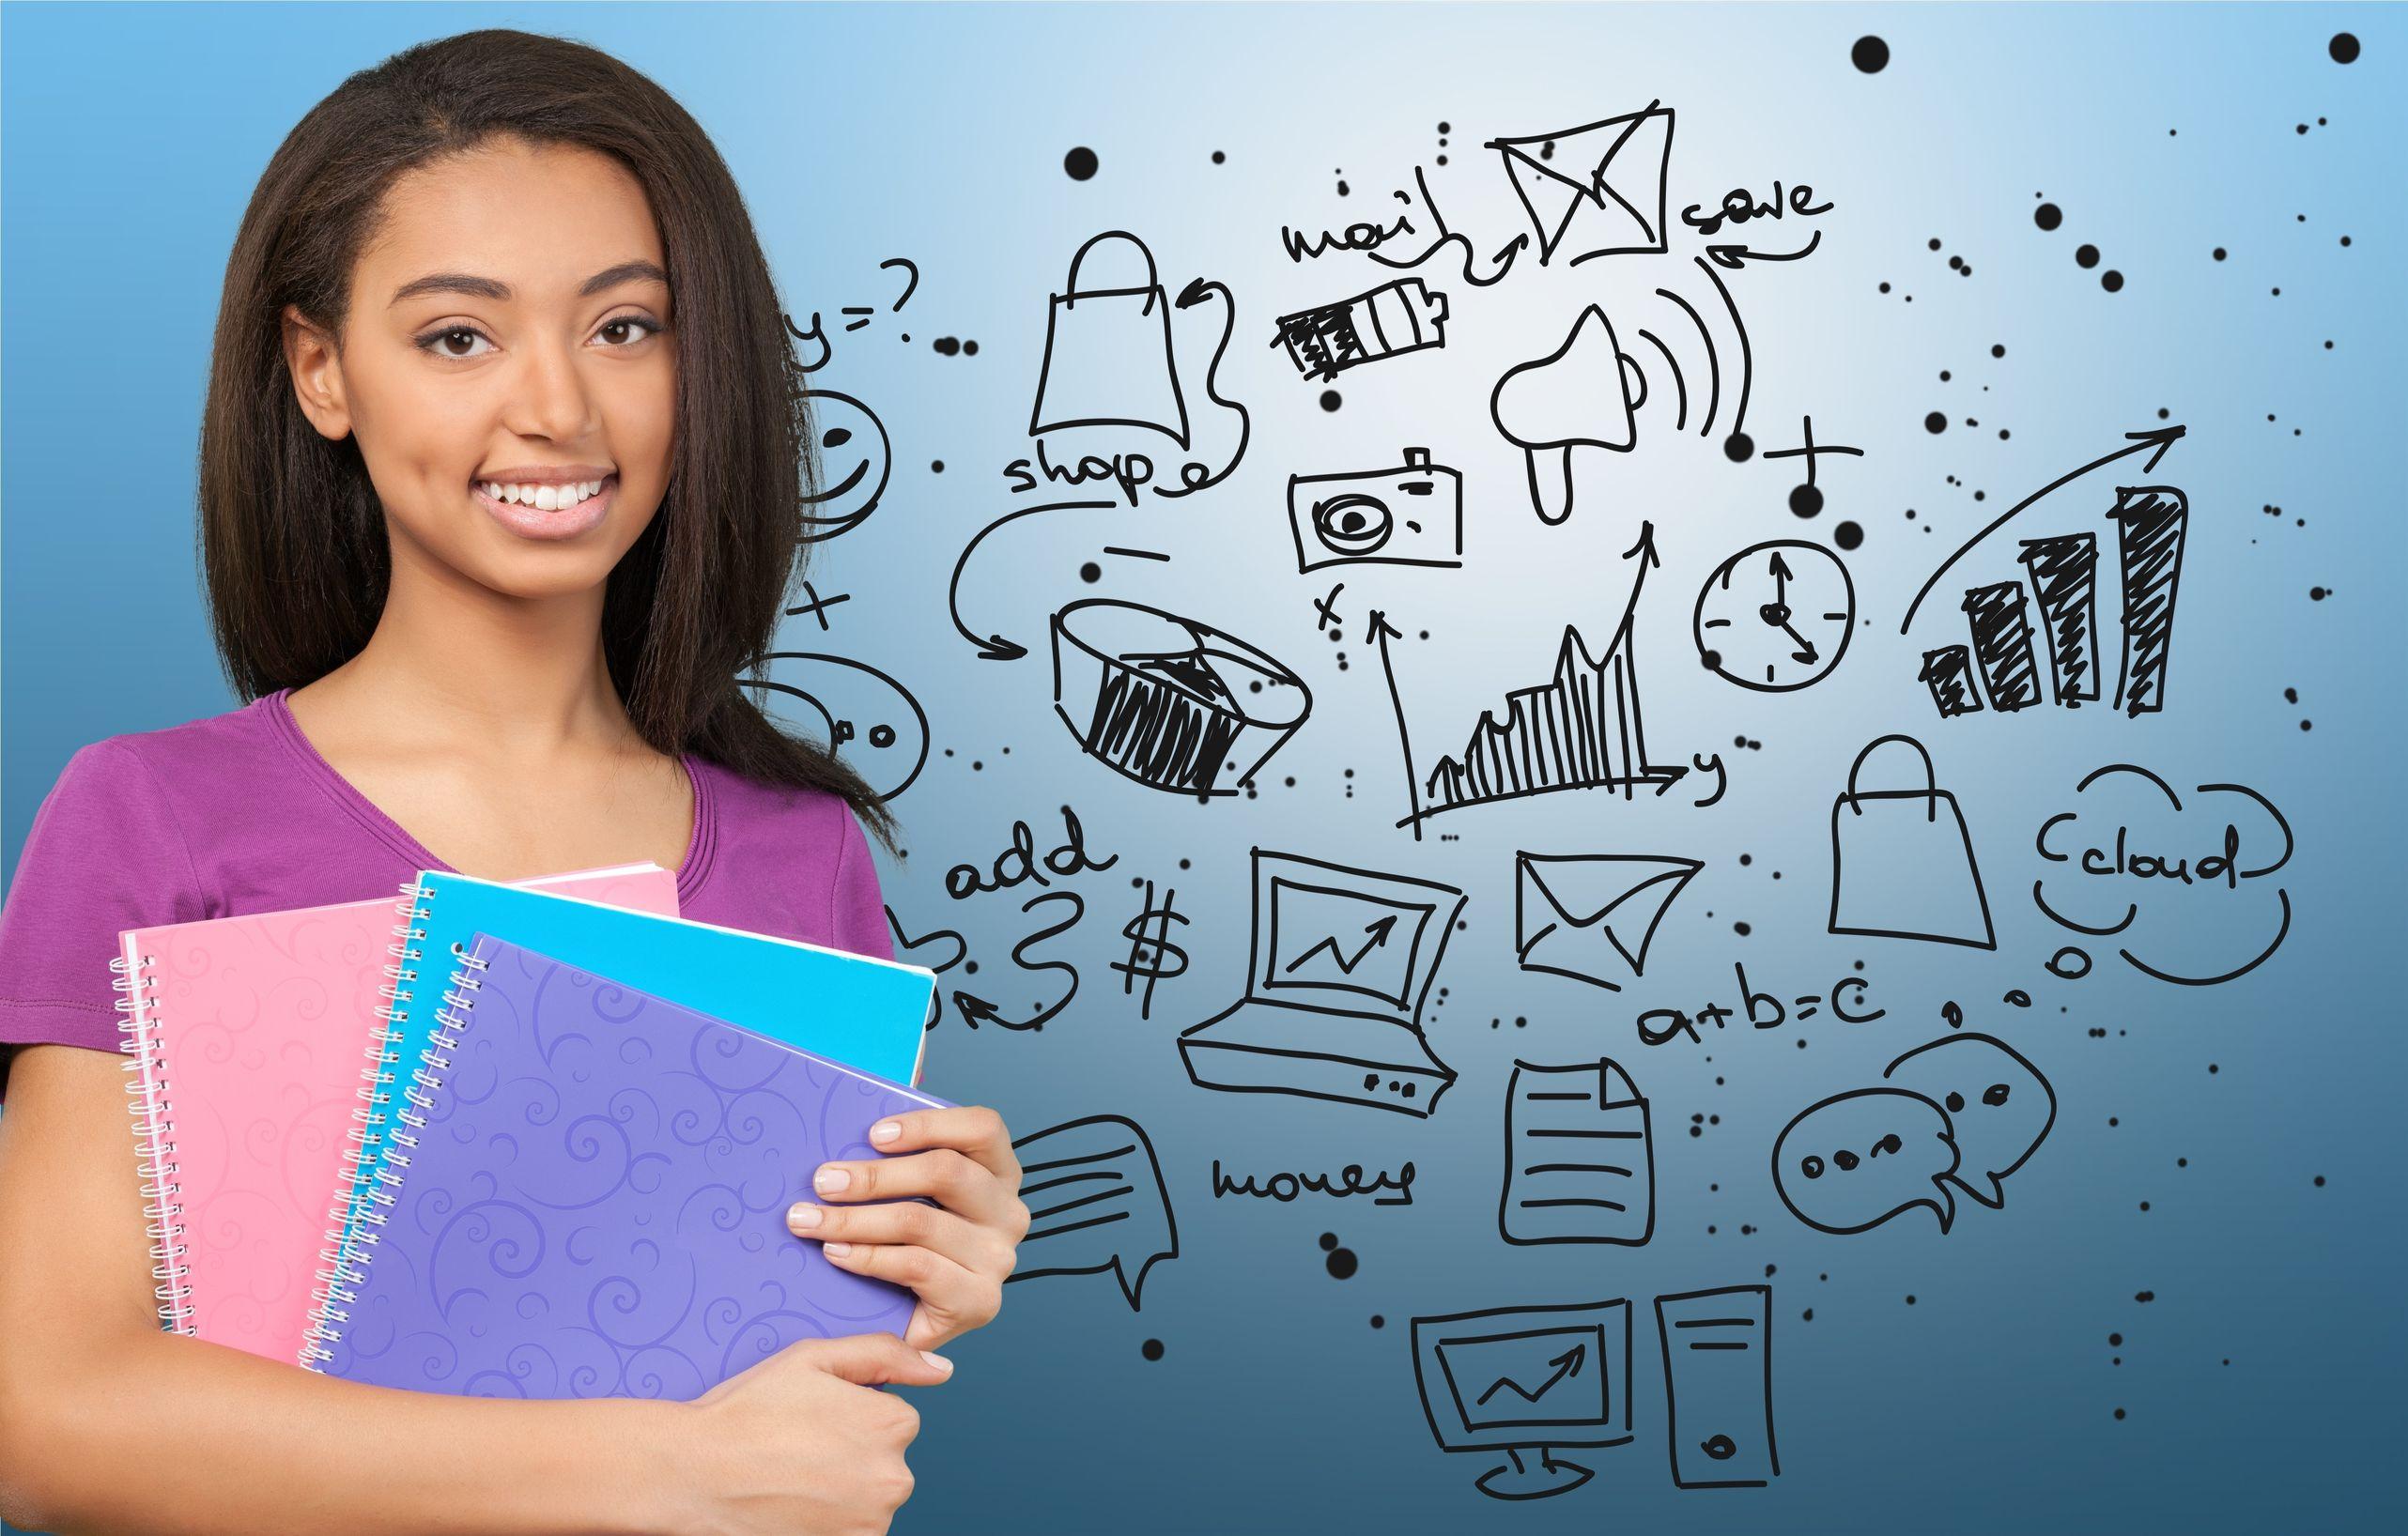 Comment jouer du réseautage dans sa recherche d'emploi?